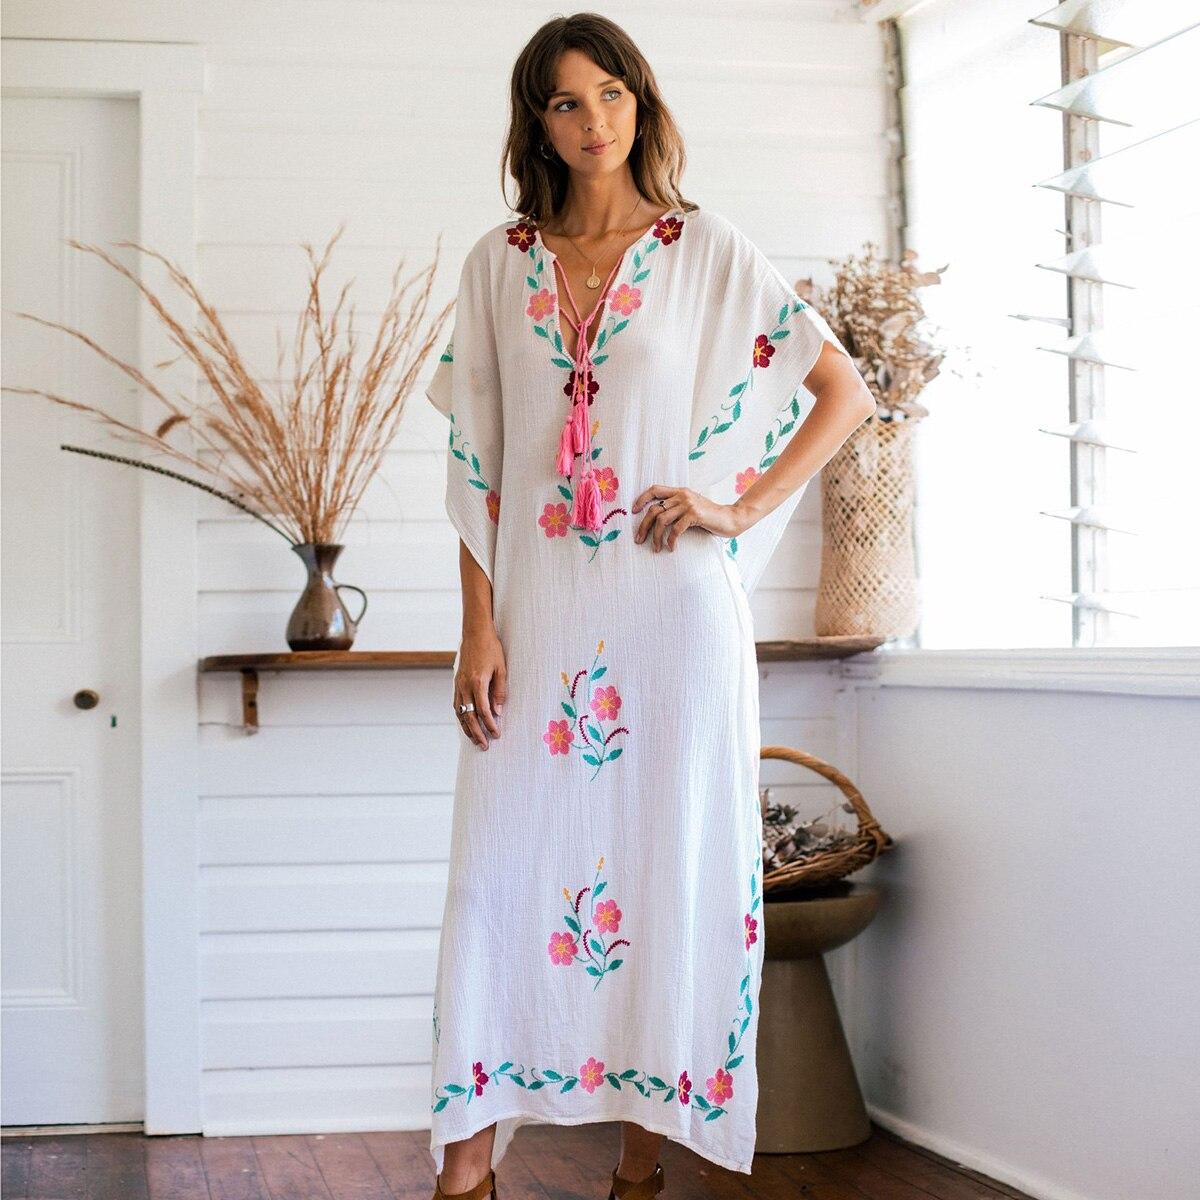 Boho Broderie Maxi robe pour femmes 2019 Rétro courtes manches V cou Dentelle Vintage Robes D'été Floral Plage Lâche Hippie conduites de carburant